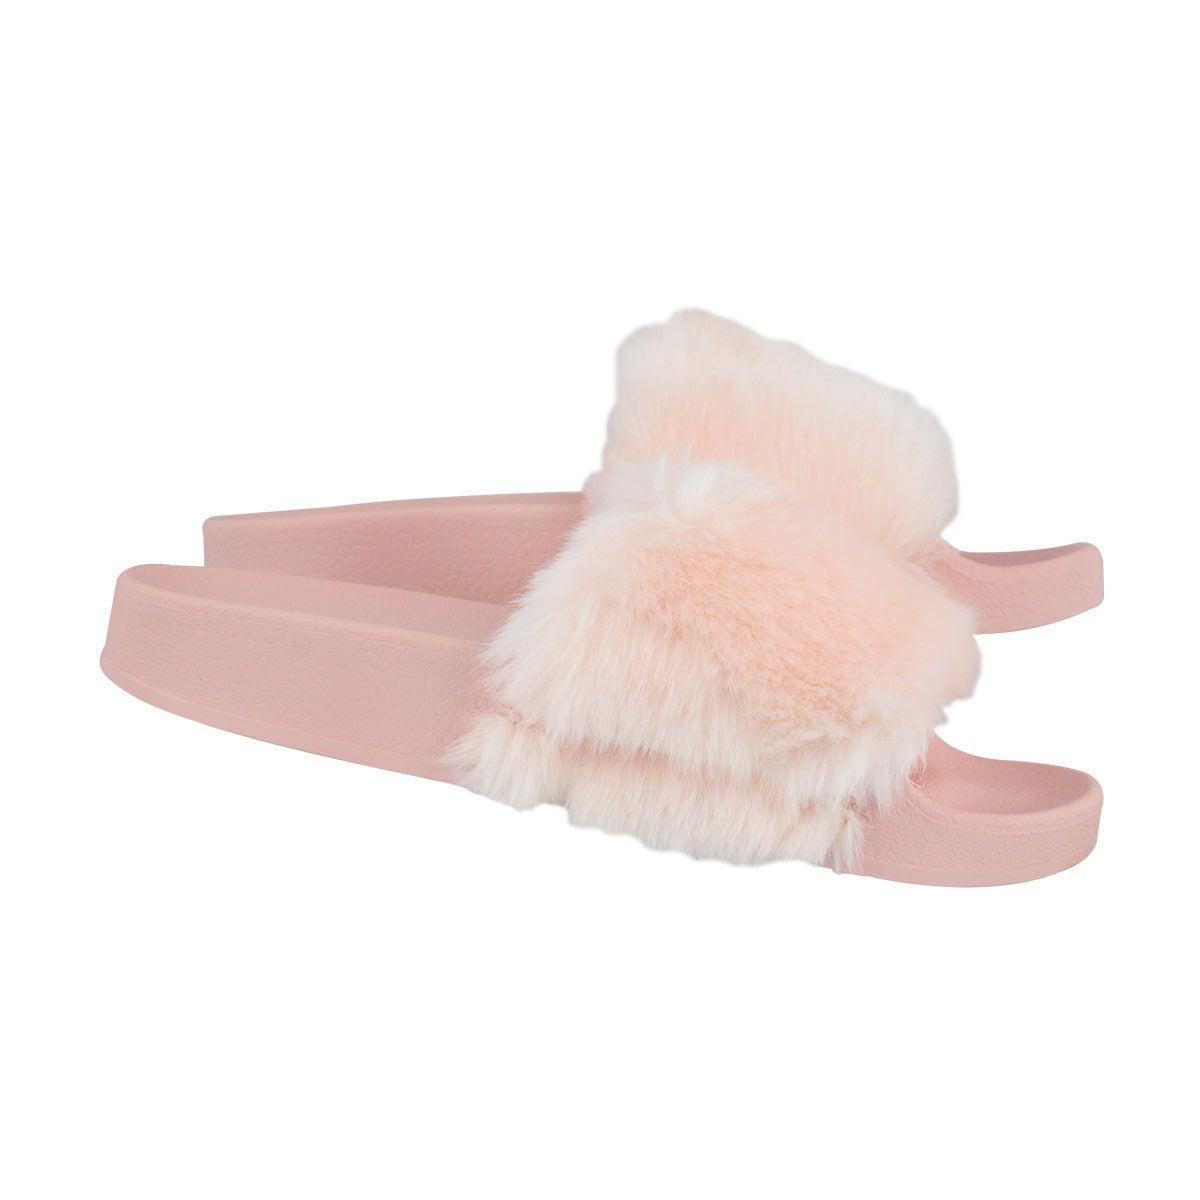 Grls Softey pnk fur slide sandal